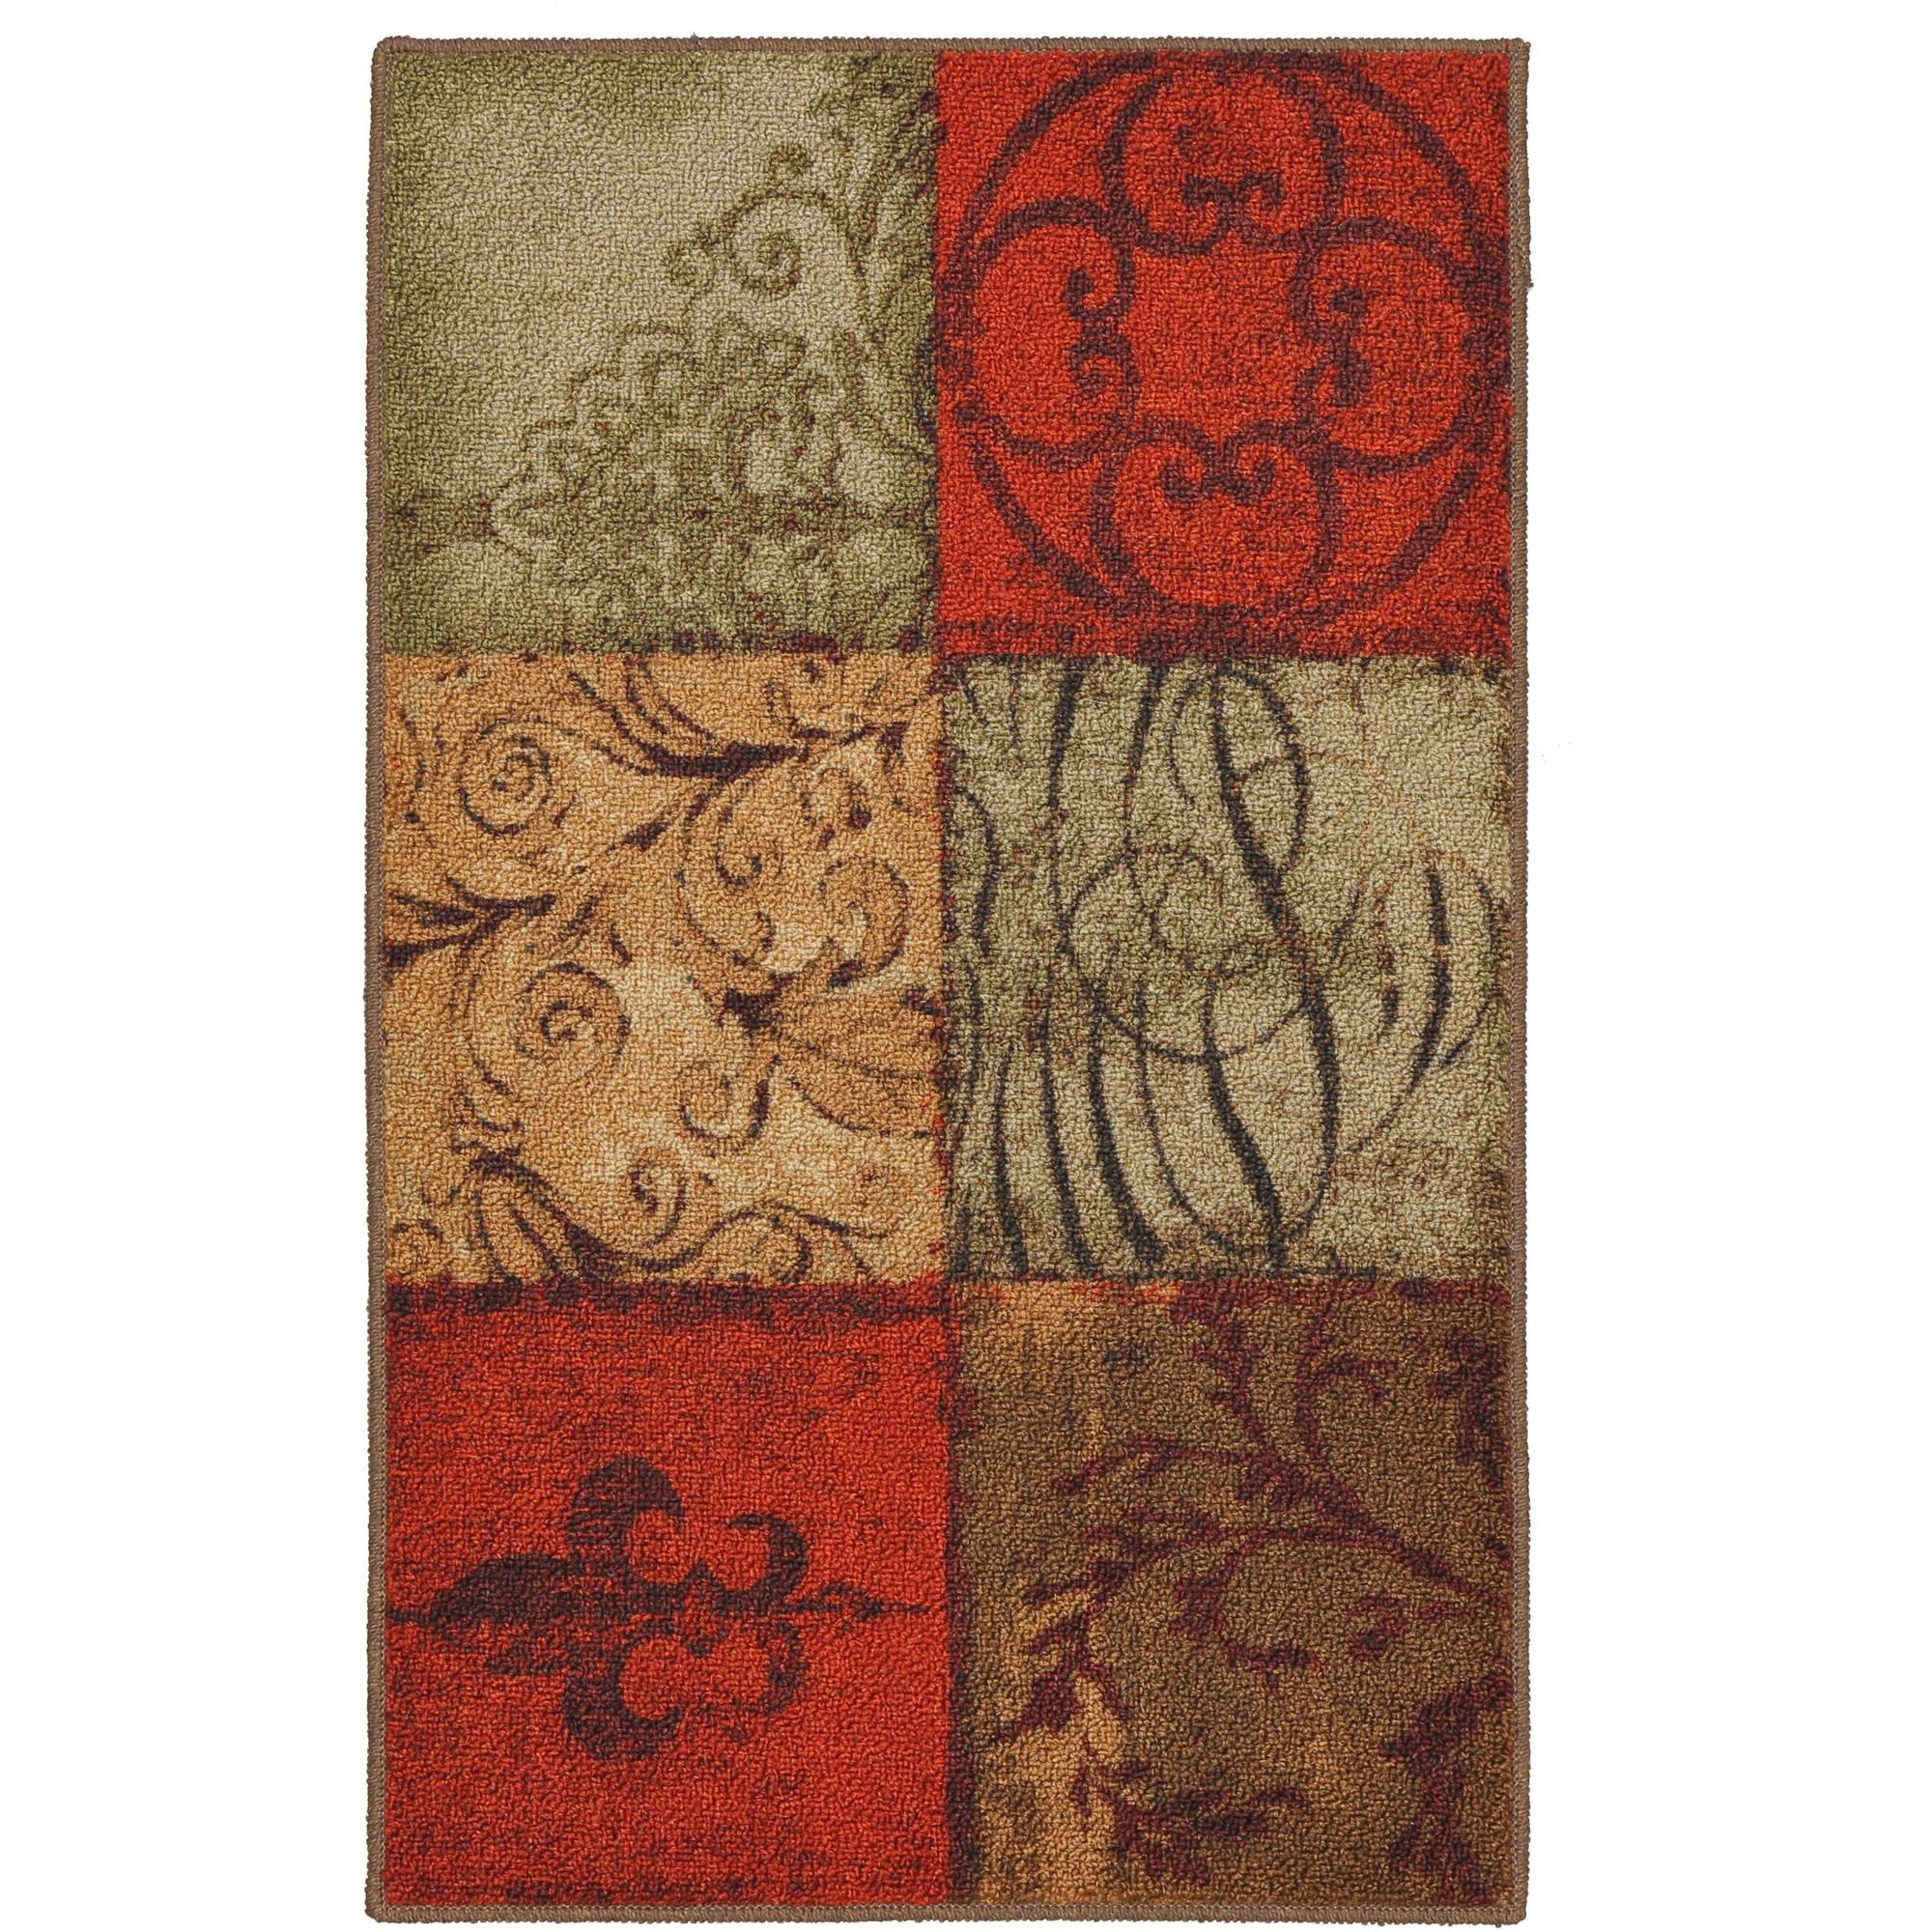 7b651f07 e76c 4c9e 976e a7f2756 1 0d b103d3e c67f mohawk home tuscany kitchen rug walmart